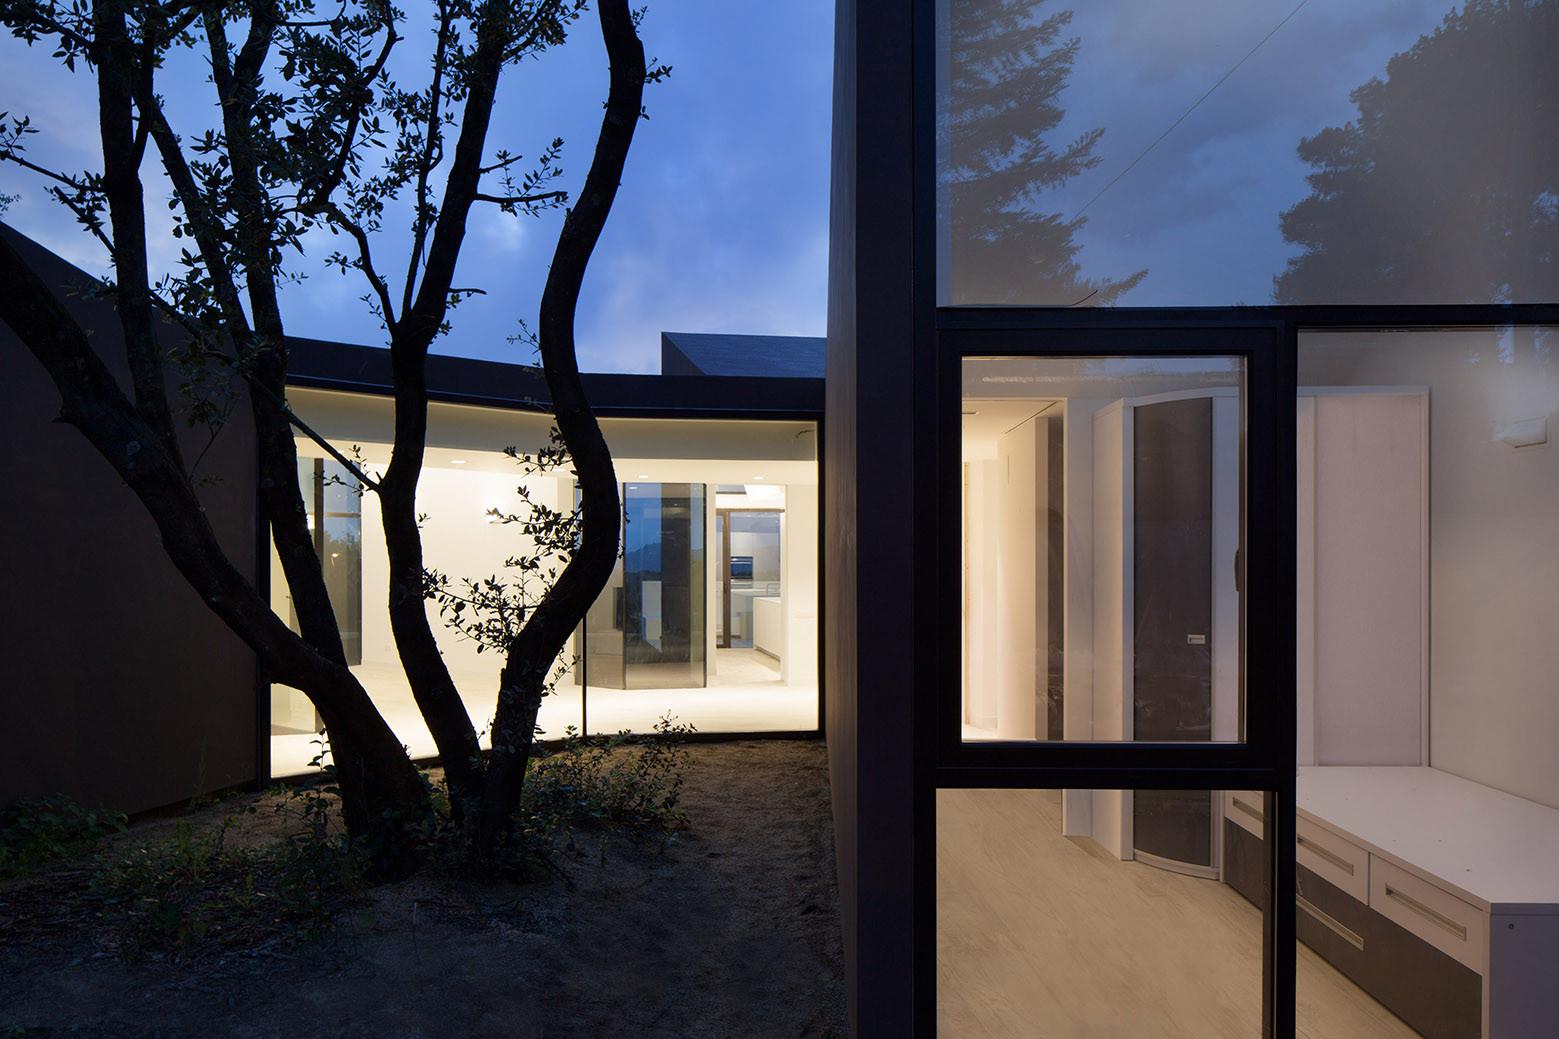 1029 - Diseño tentacular y luminoso ambiente minimalista en Castellcir, Barcelona